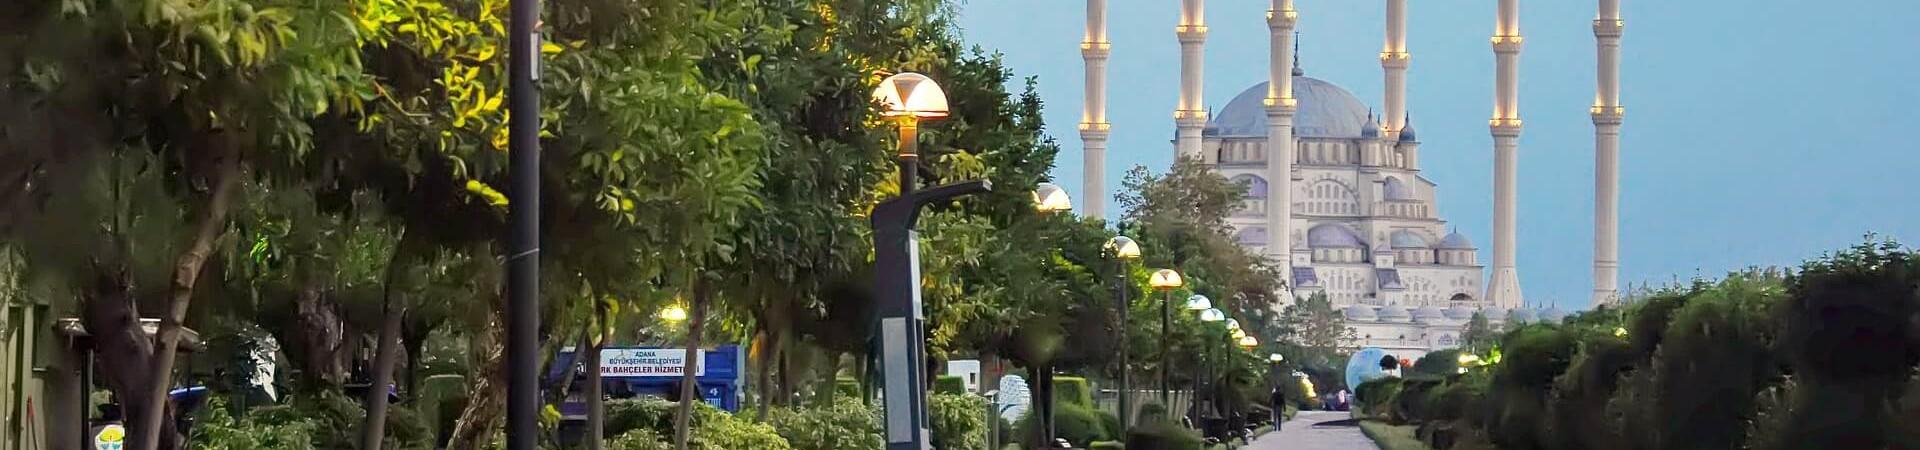 Adana meczet